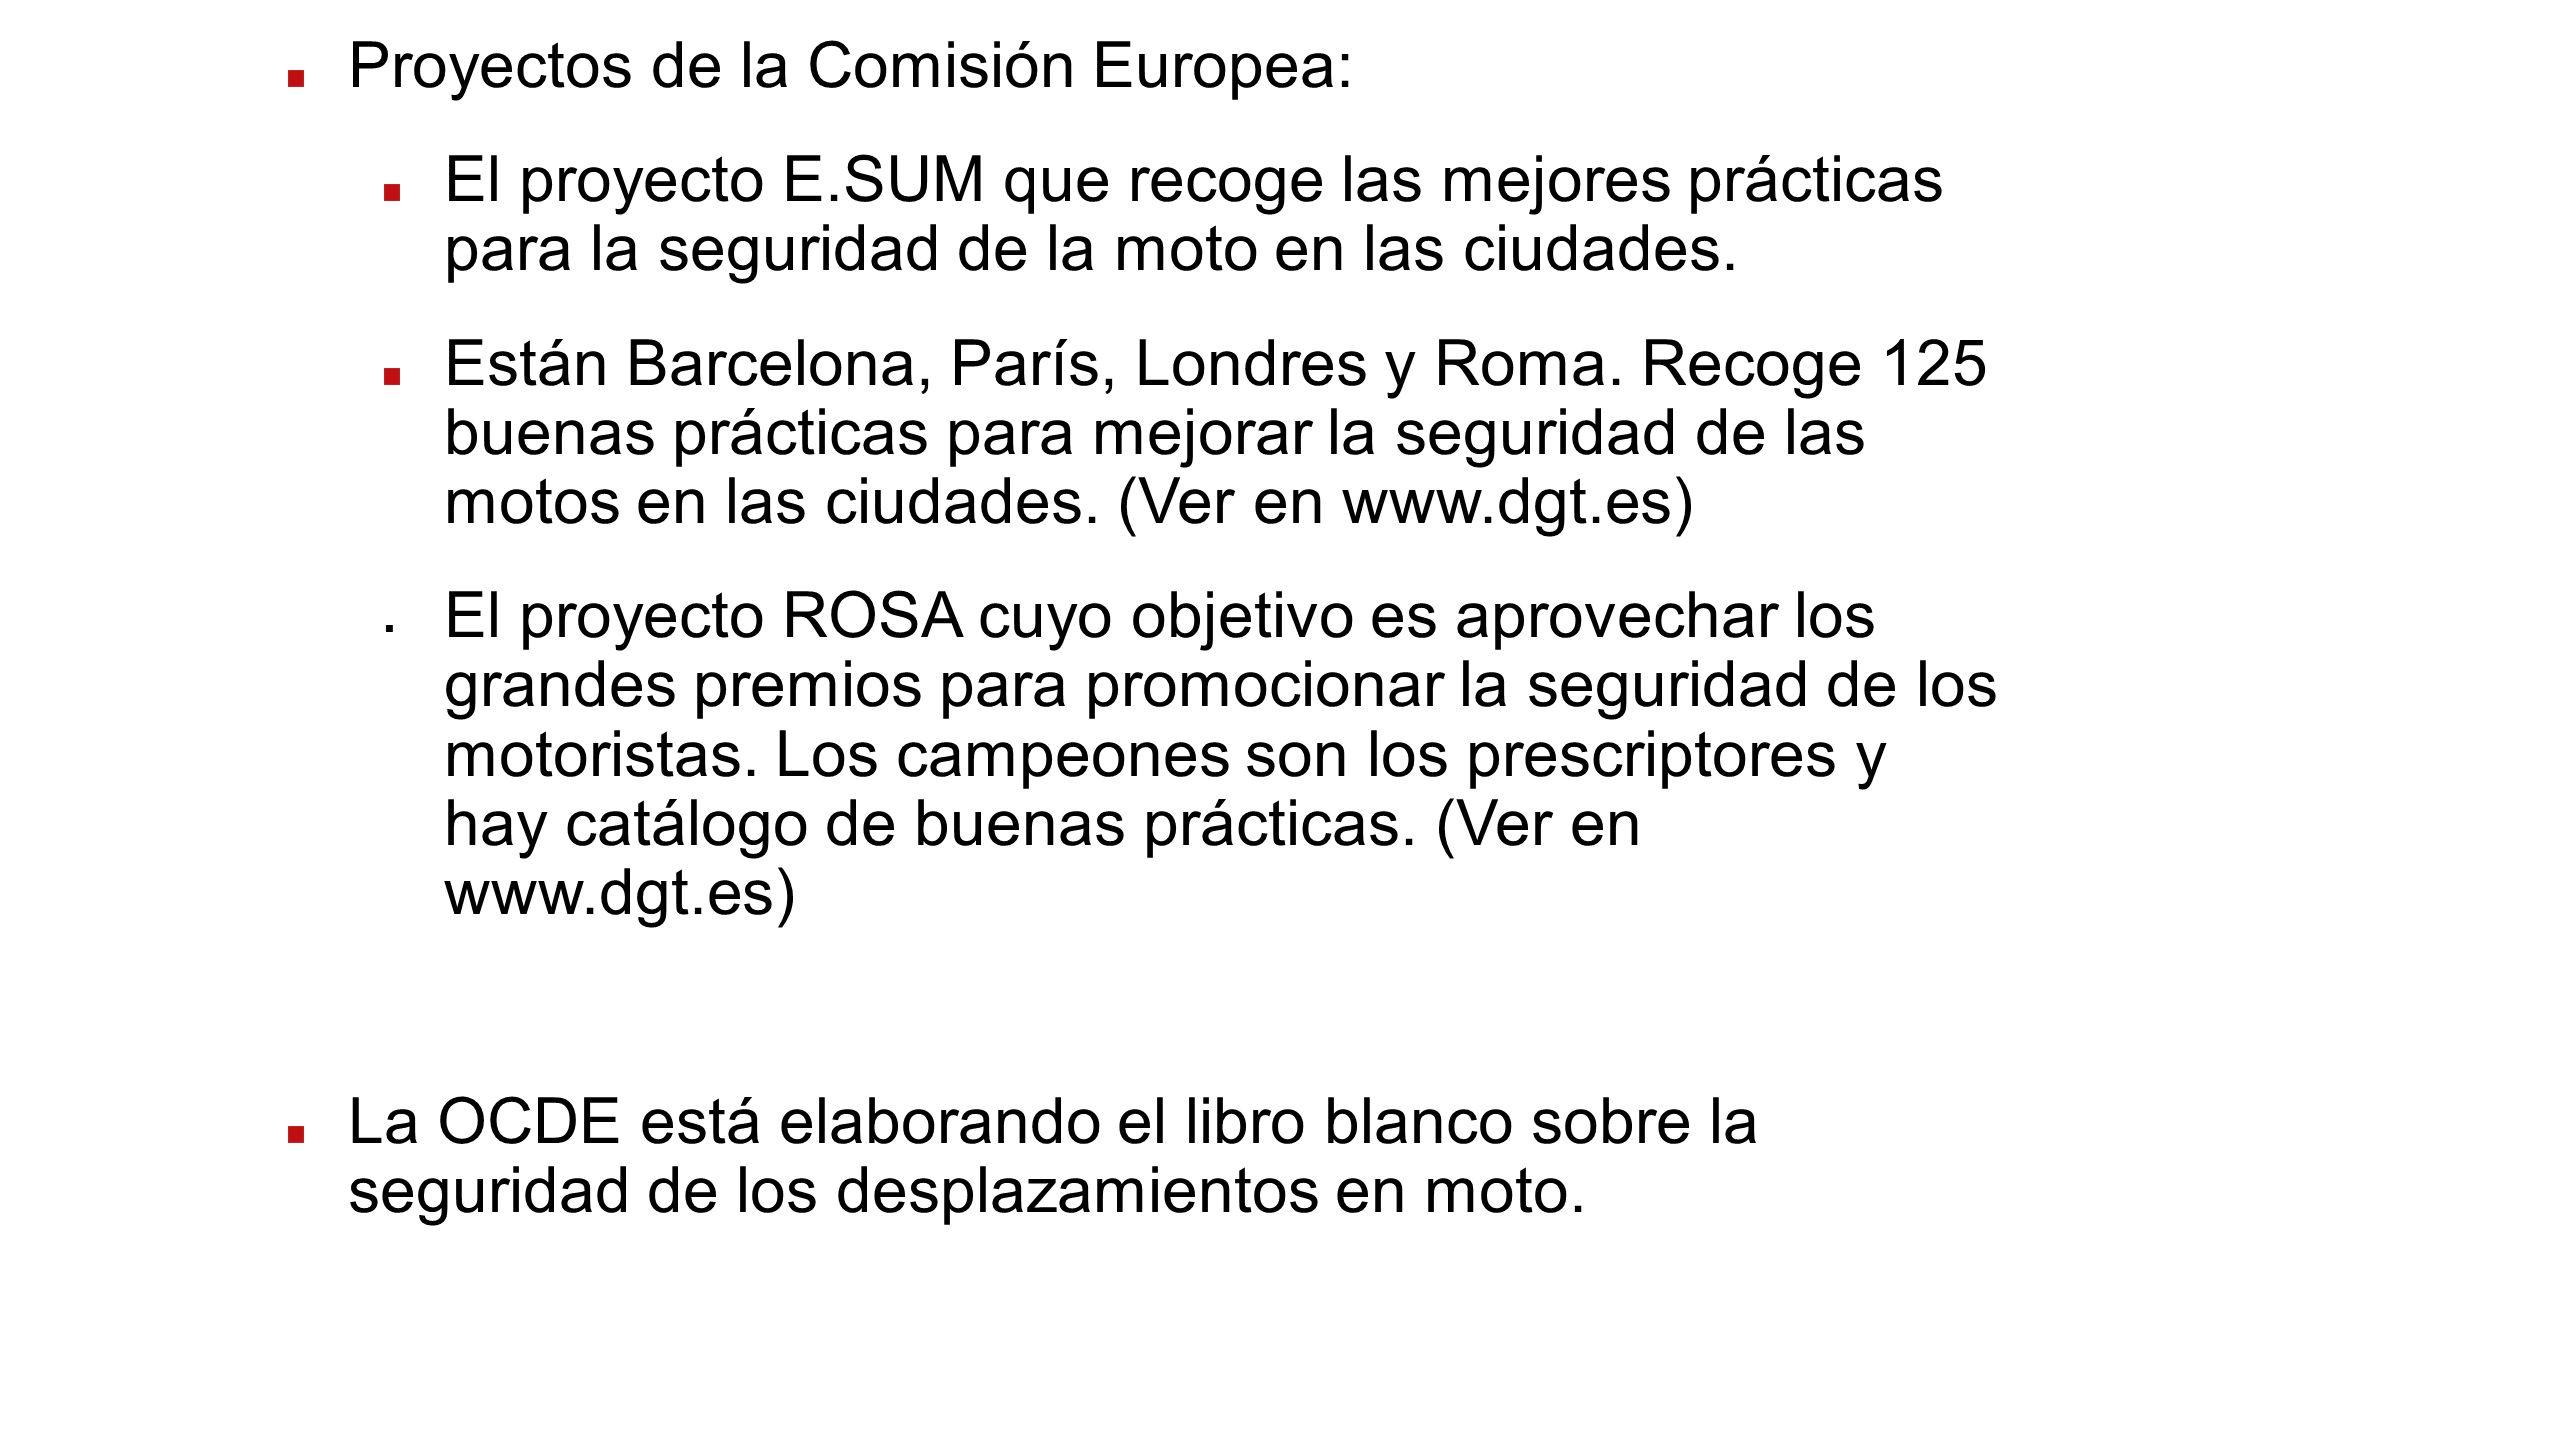 Proyectos de la Comisión Europea: